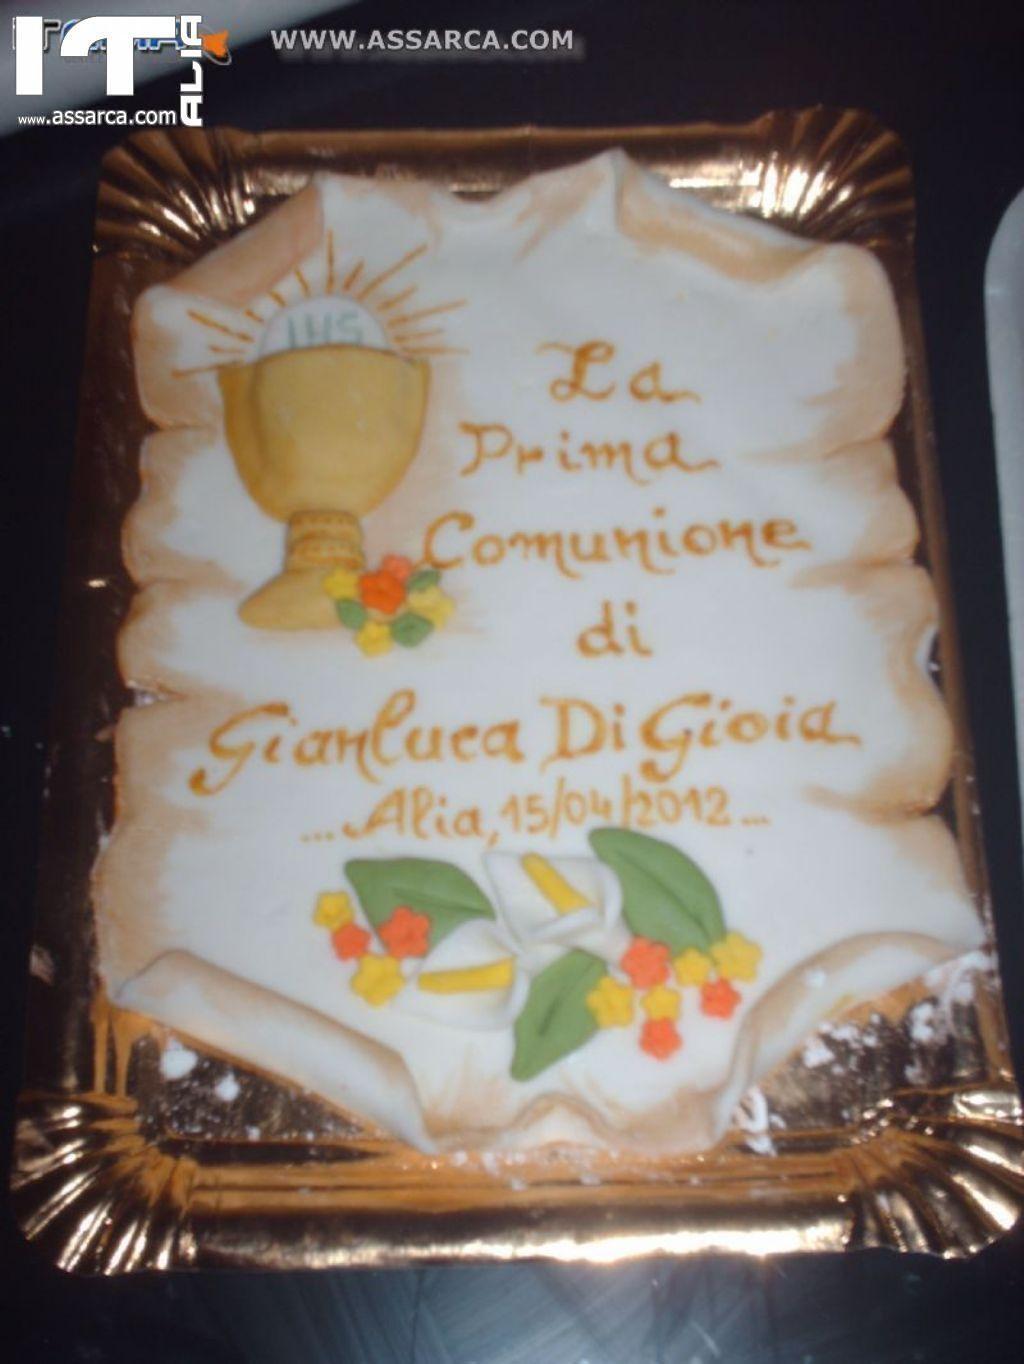 Pergamena in pasta di zucchero jj17 regardsdefemmes for Decorazioni per torte di laurea